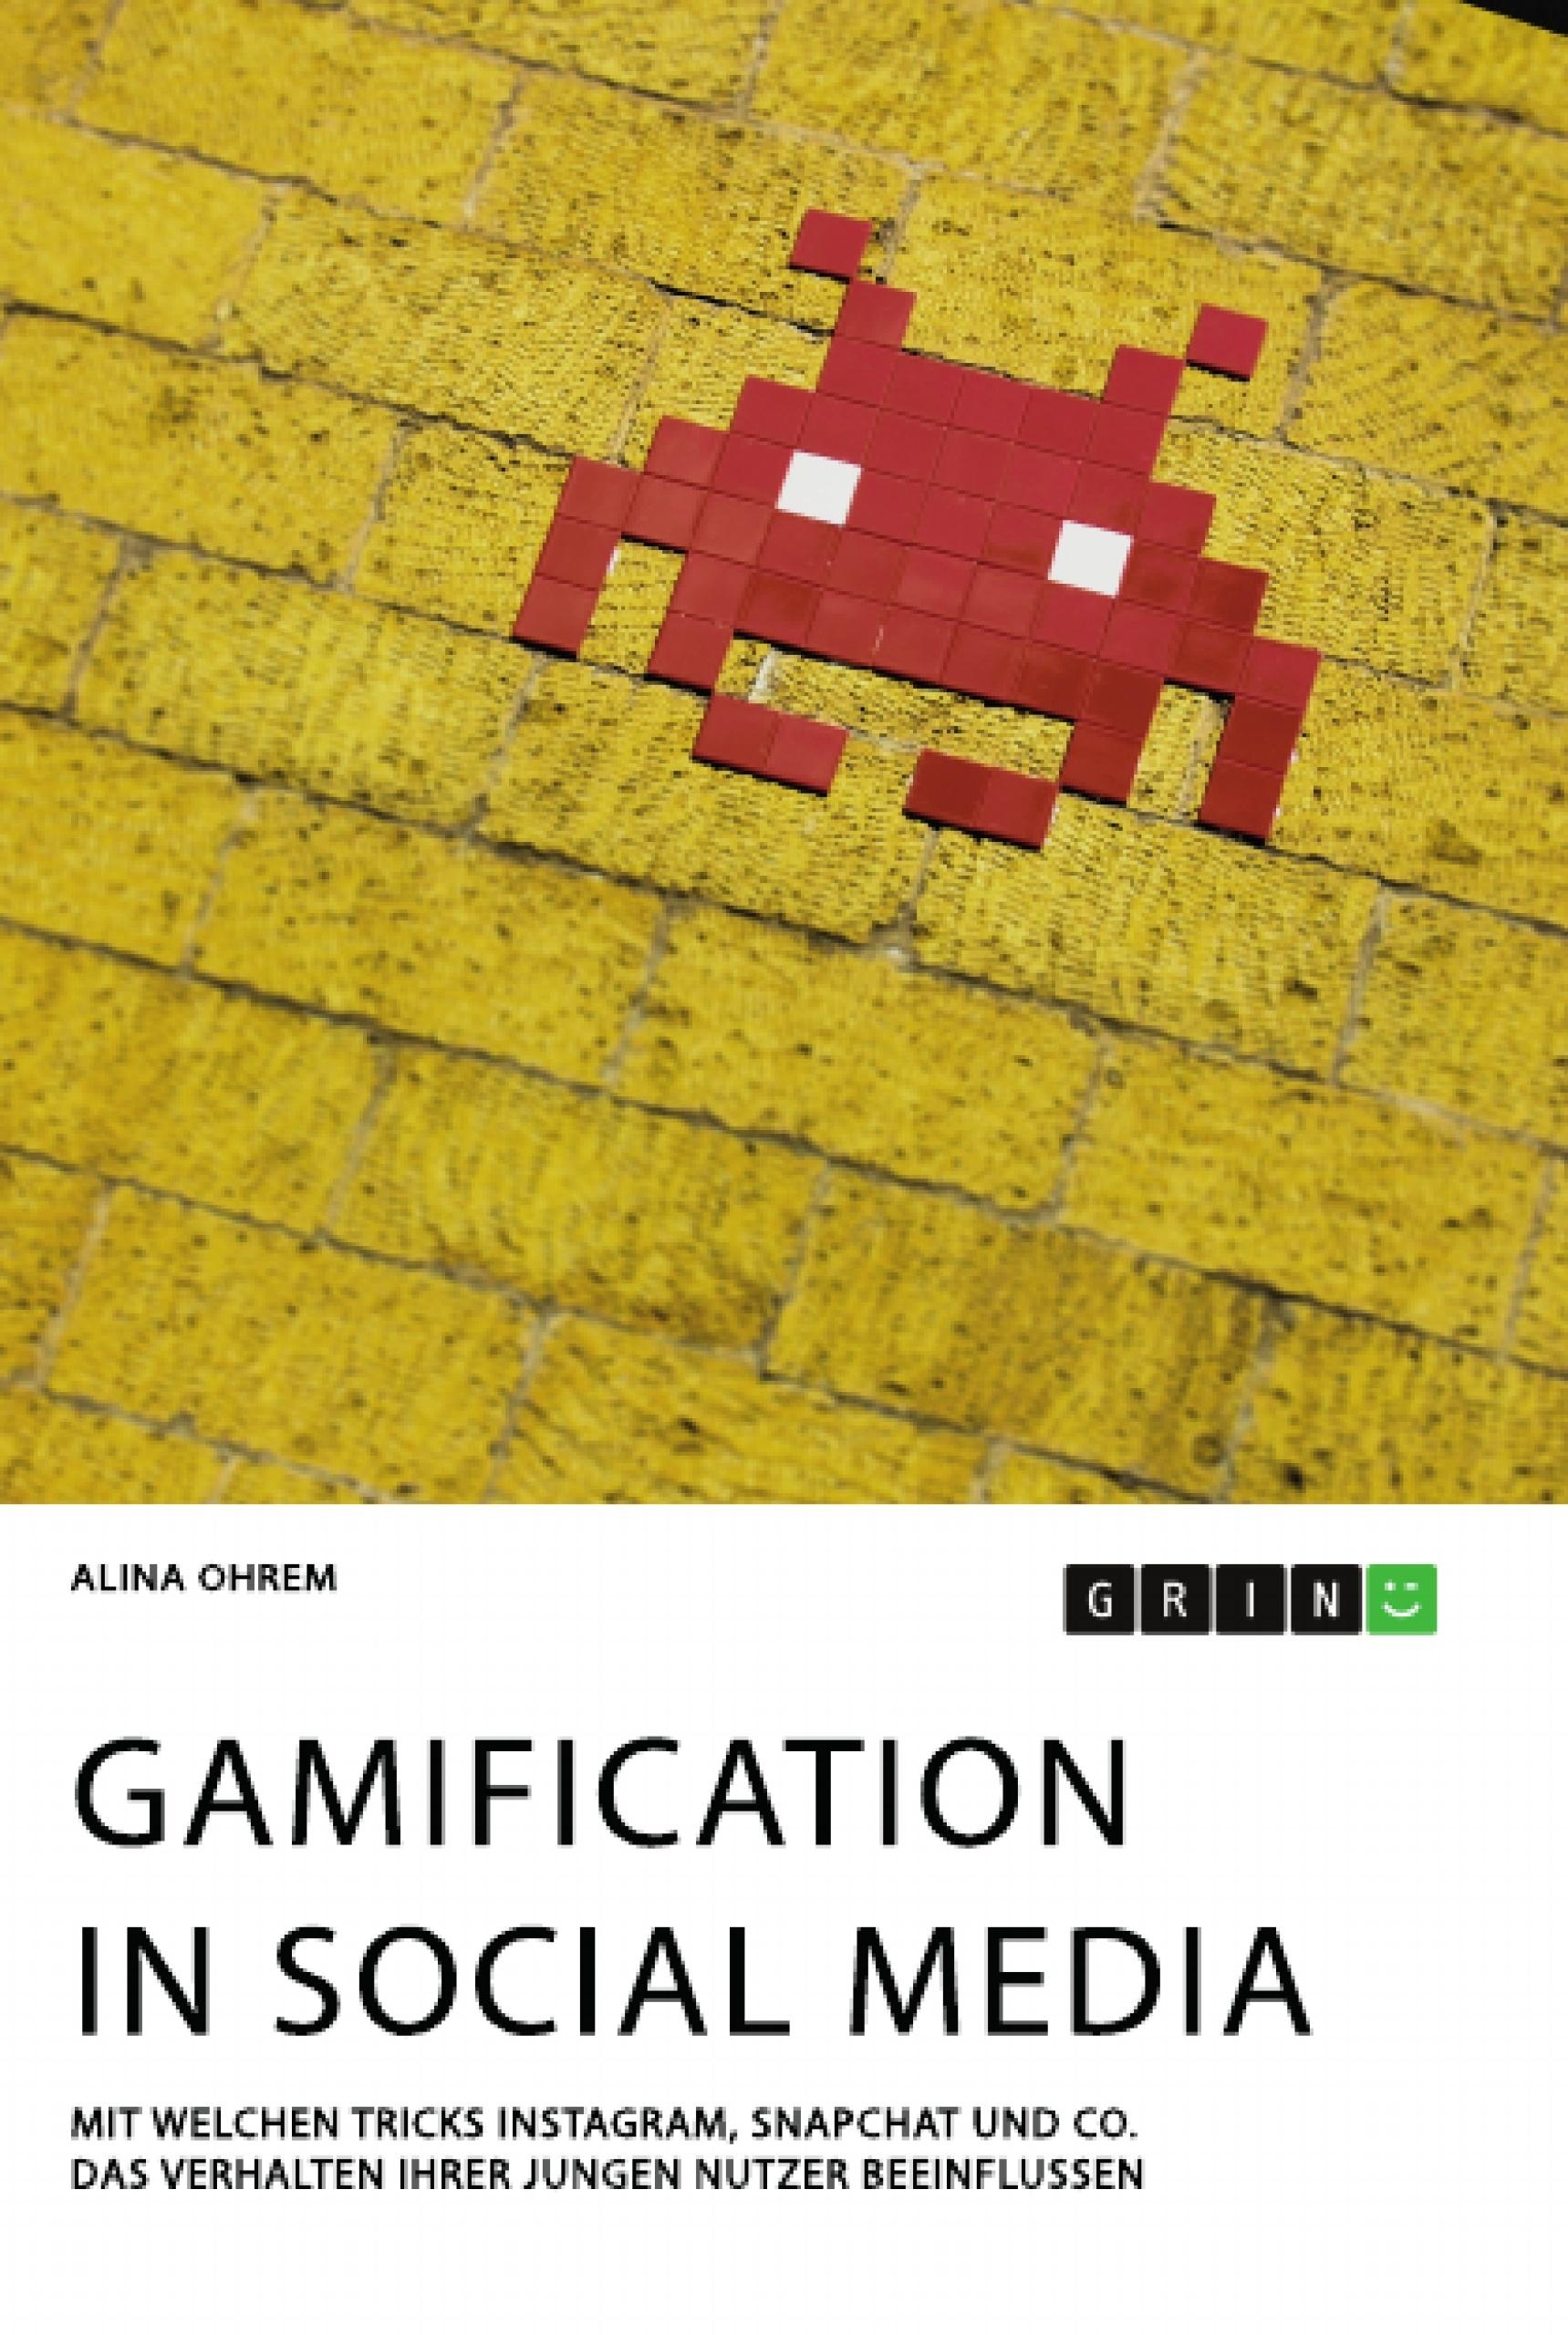 Titel: Gamification in Social Media. Mit welchen Tricks Instagram, Snapchat und Co. das Verhalten ihrer jungen Nutzer beeinflussen